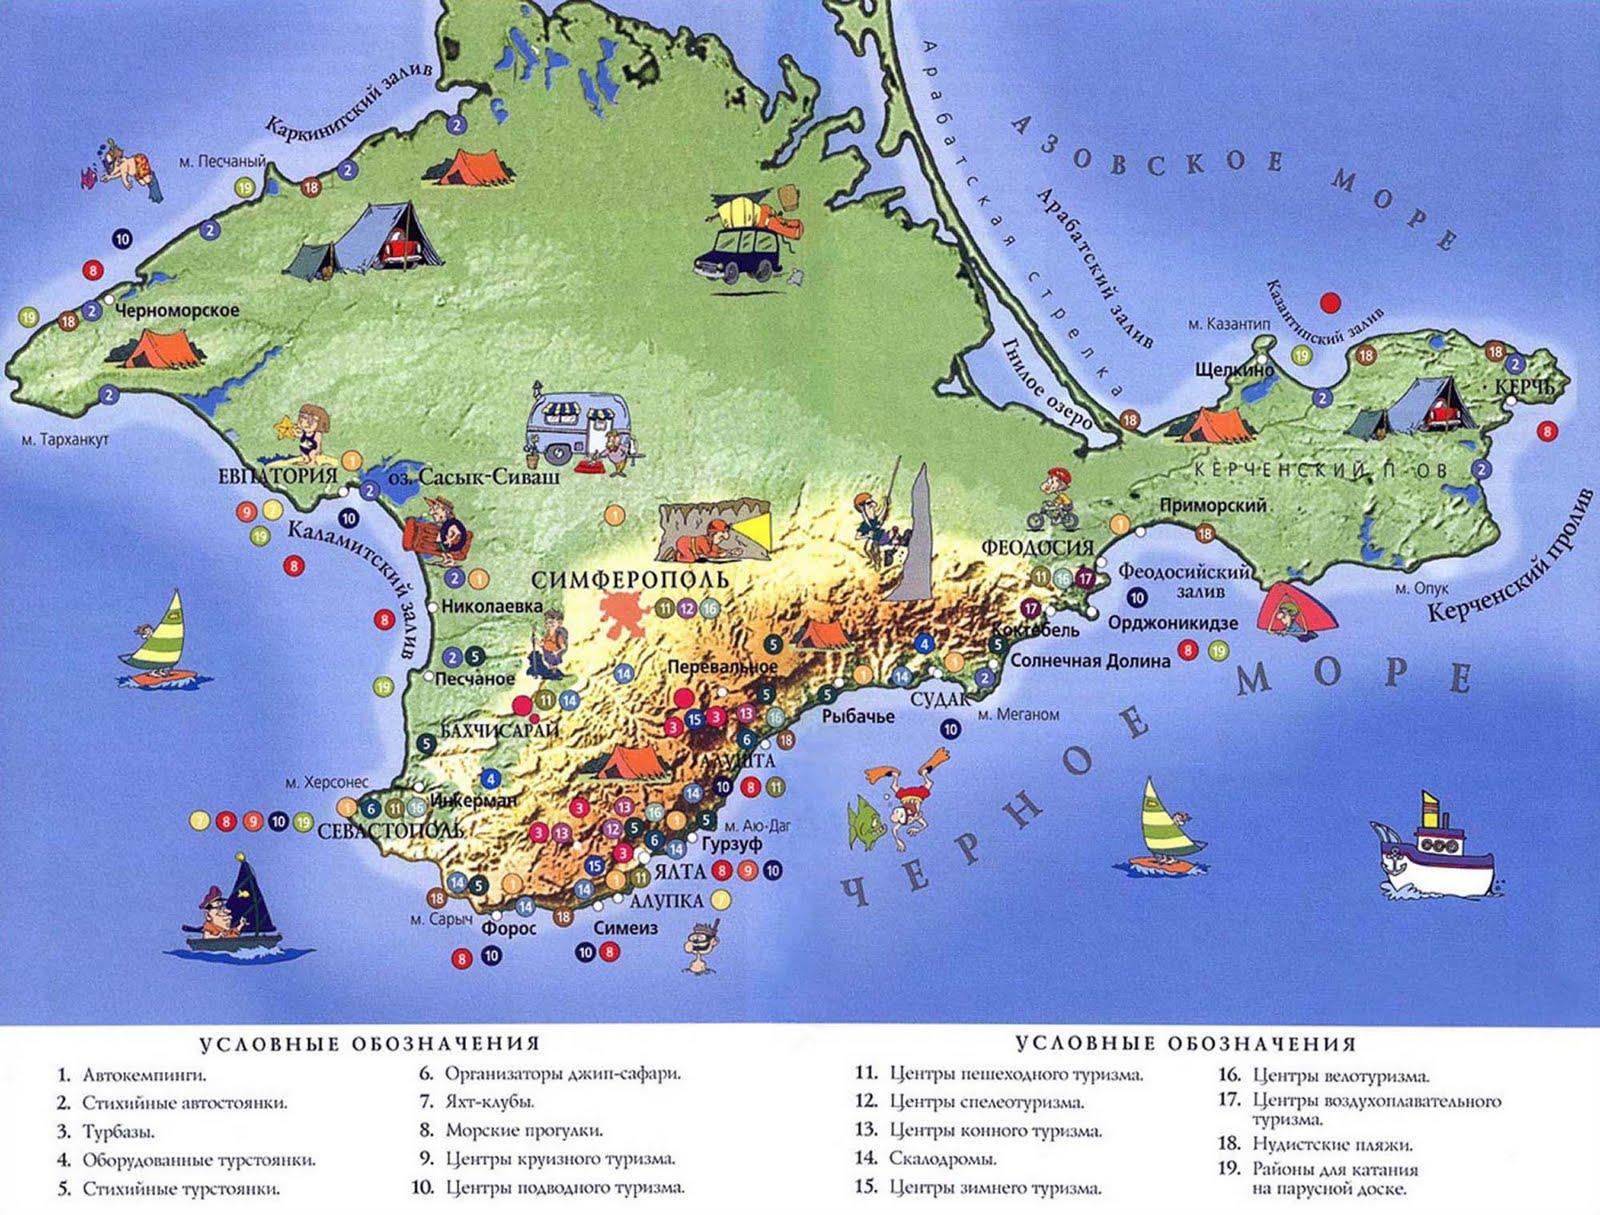 Туристическая карта крыма